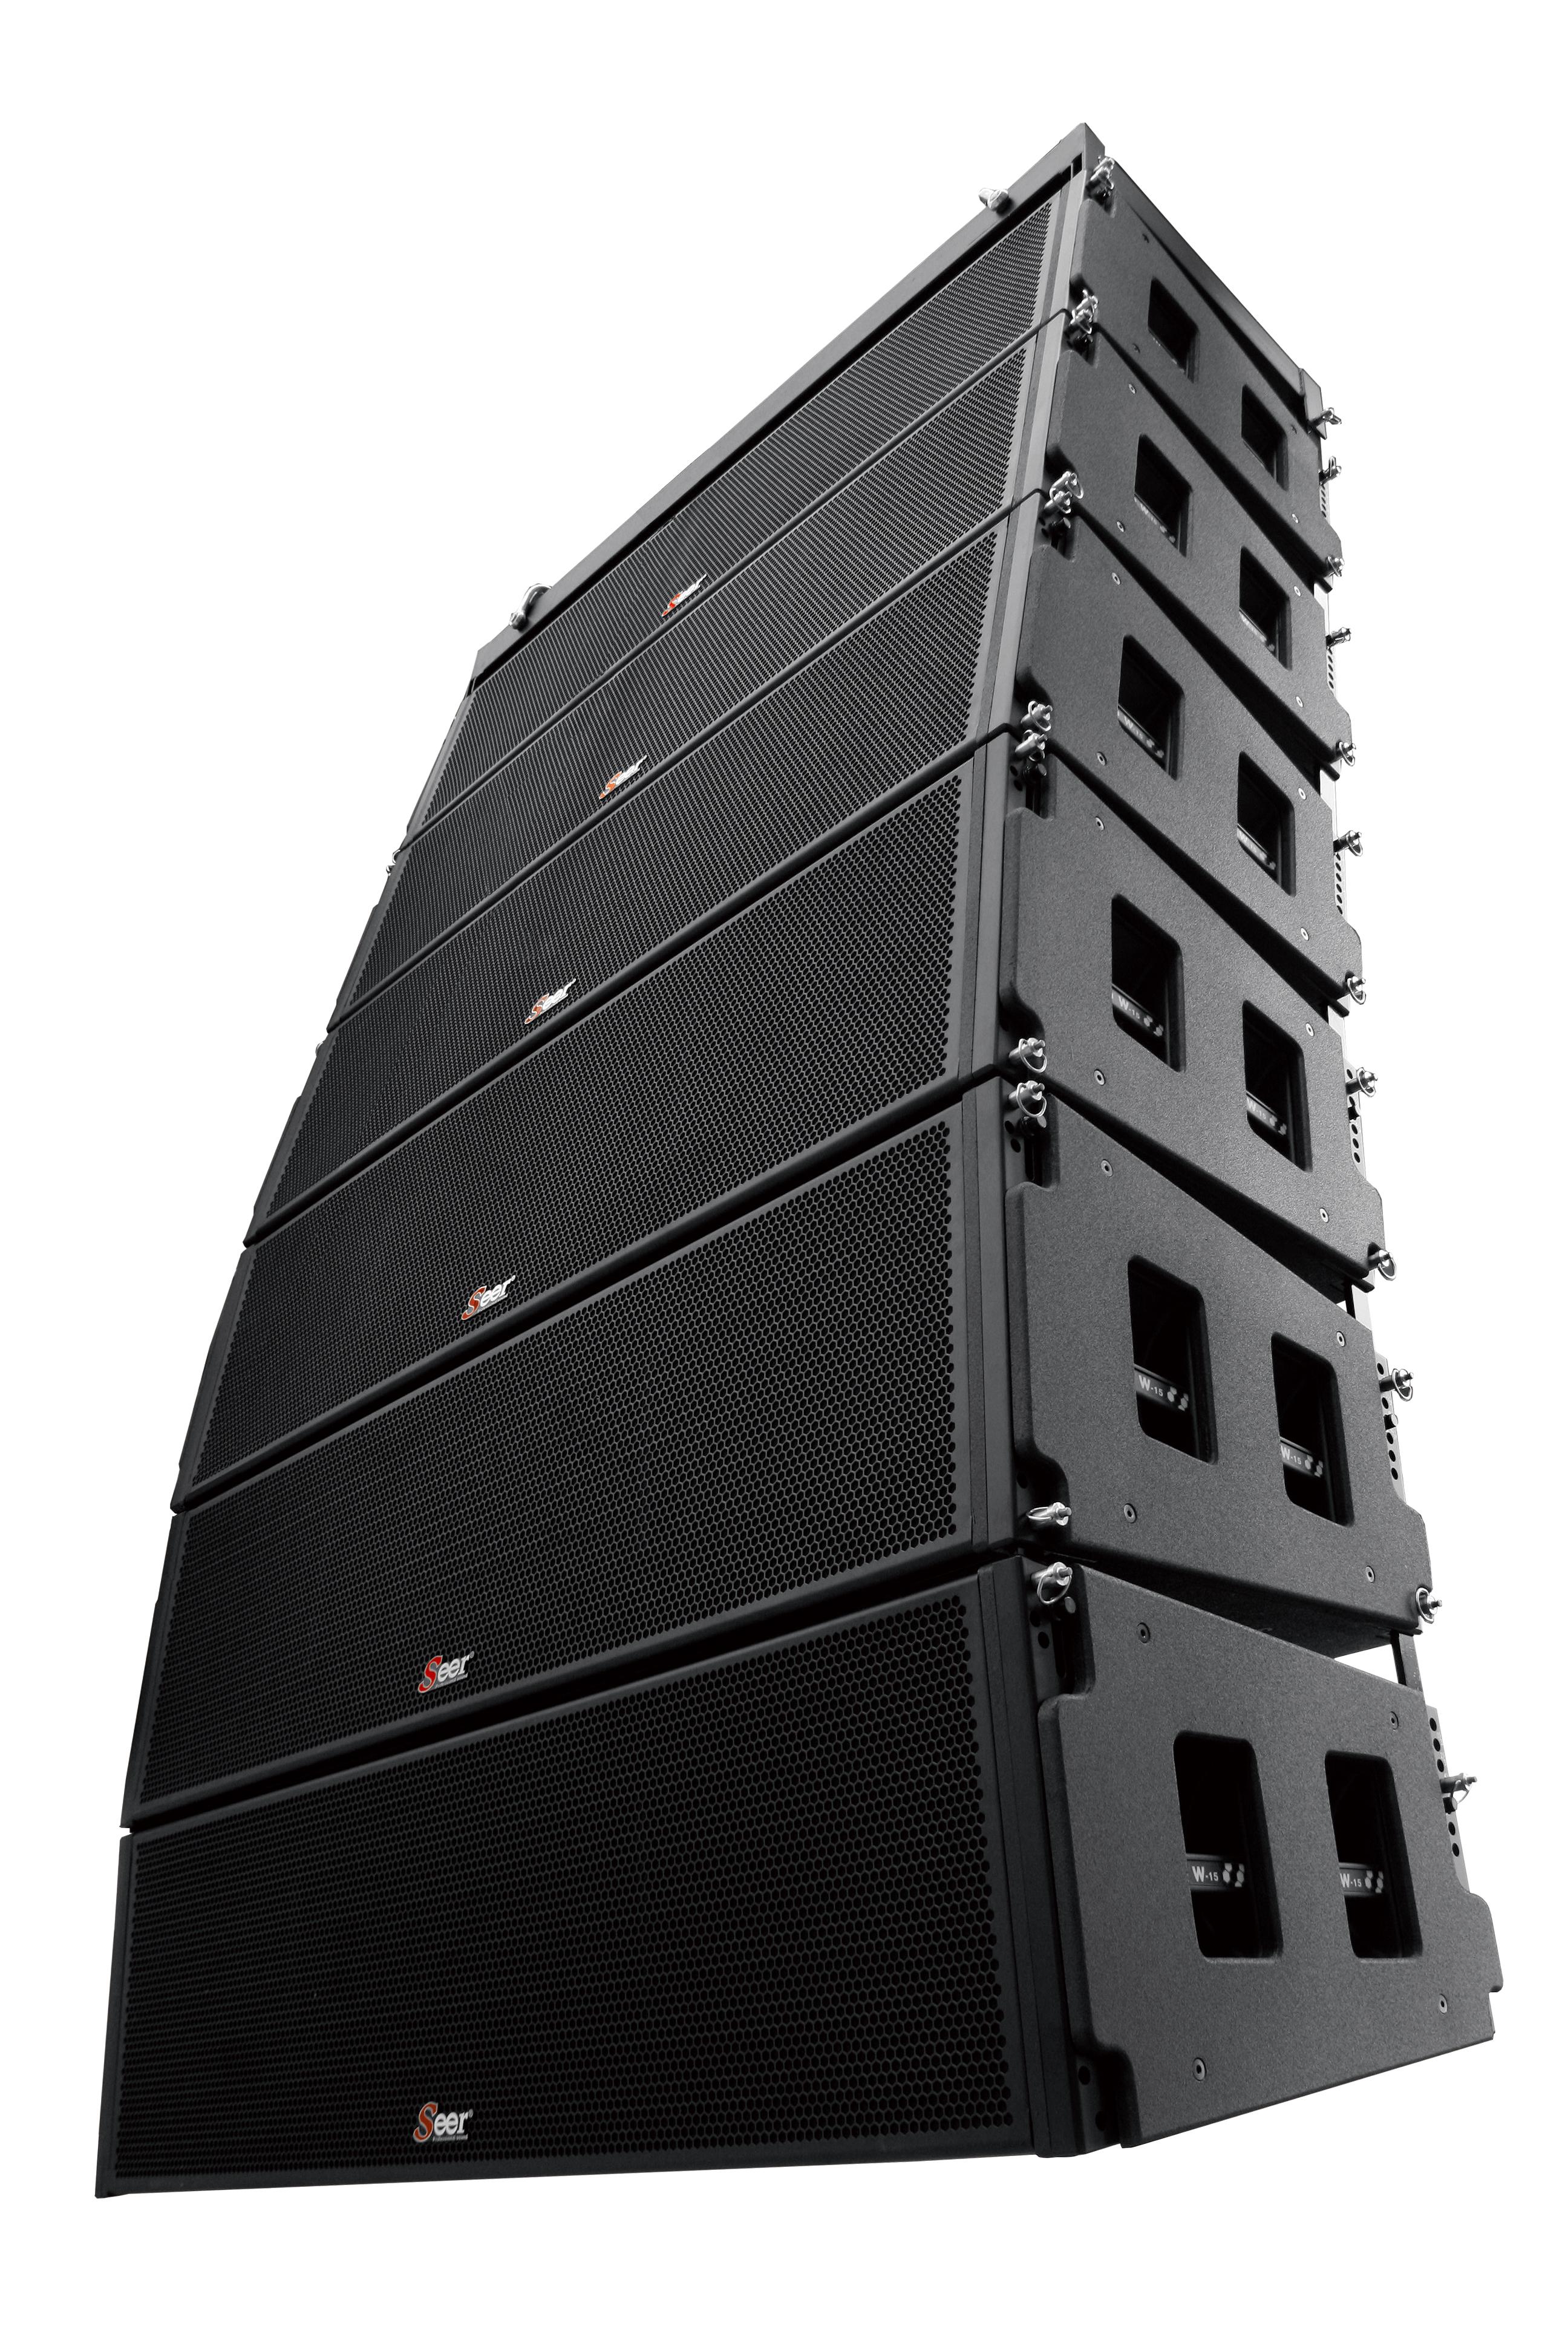 赛尔音响Seer双十五寸线阵音箱